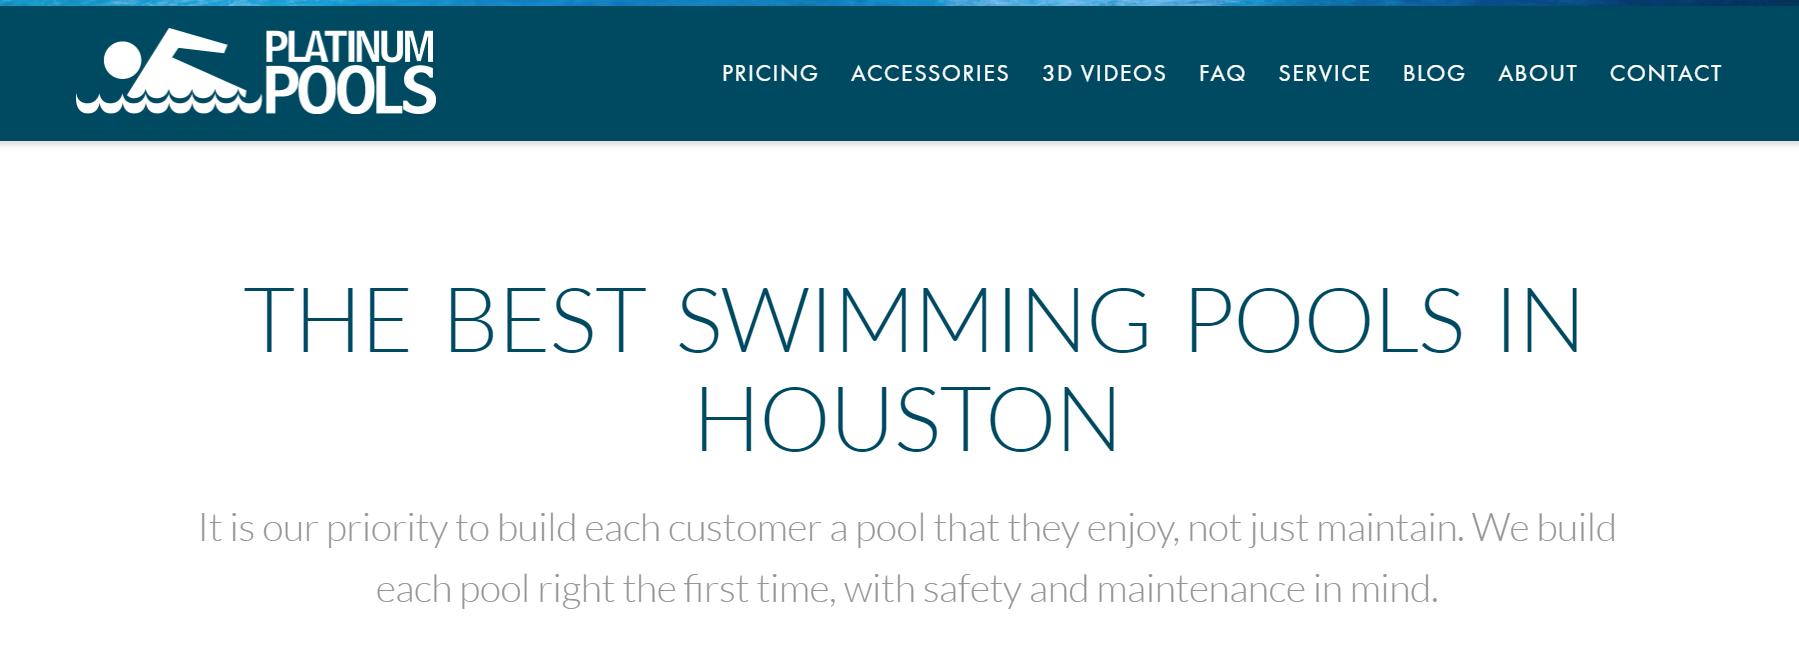 Staff (Sales) Designer - Beaumont - Platinum Pools